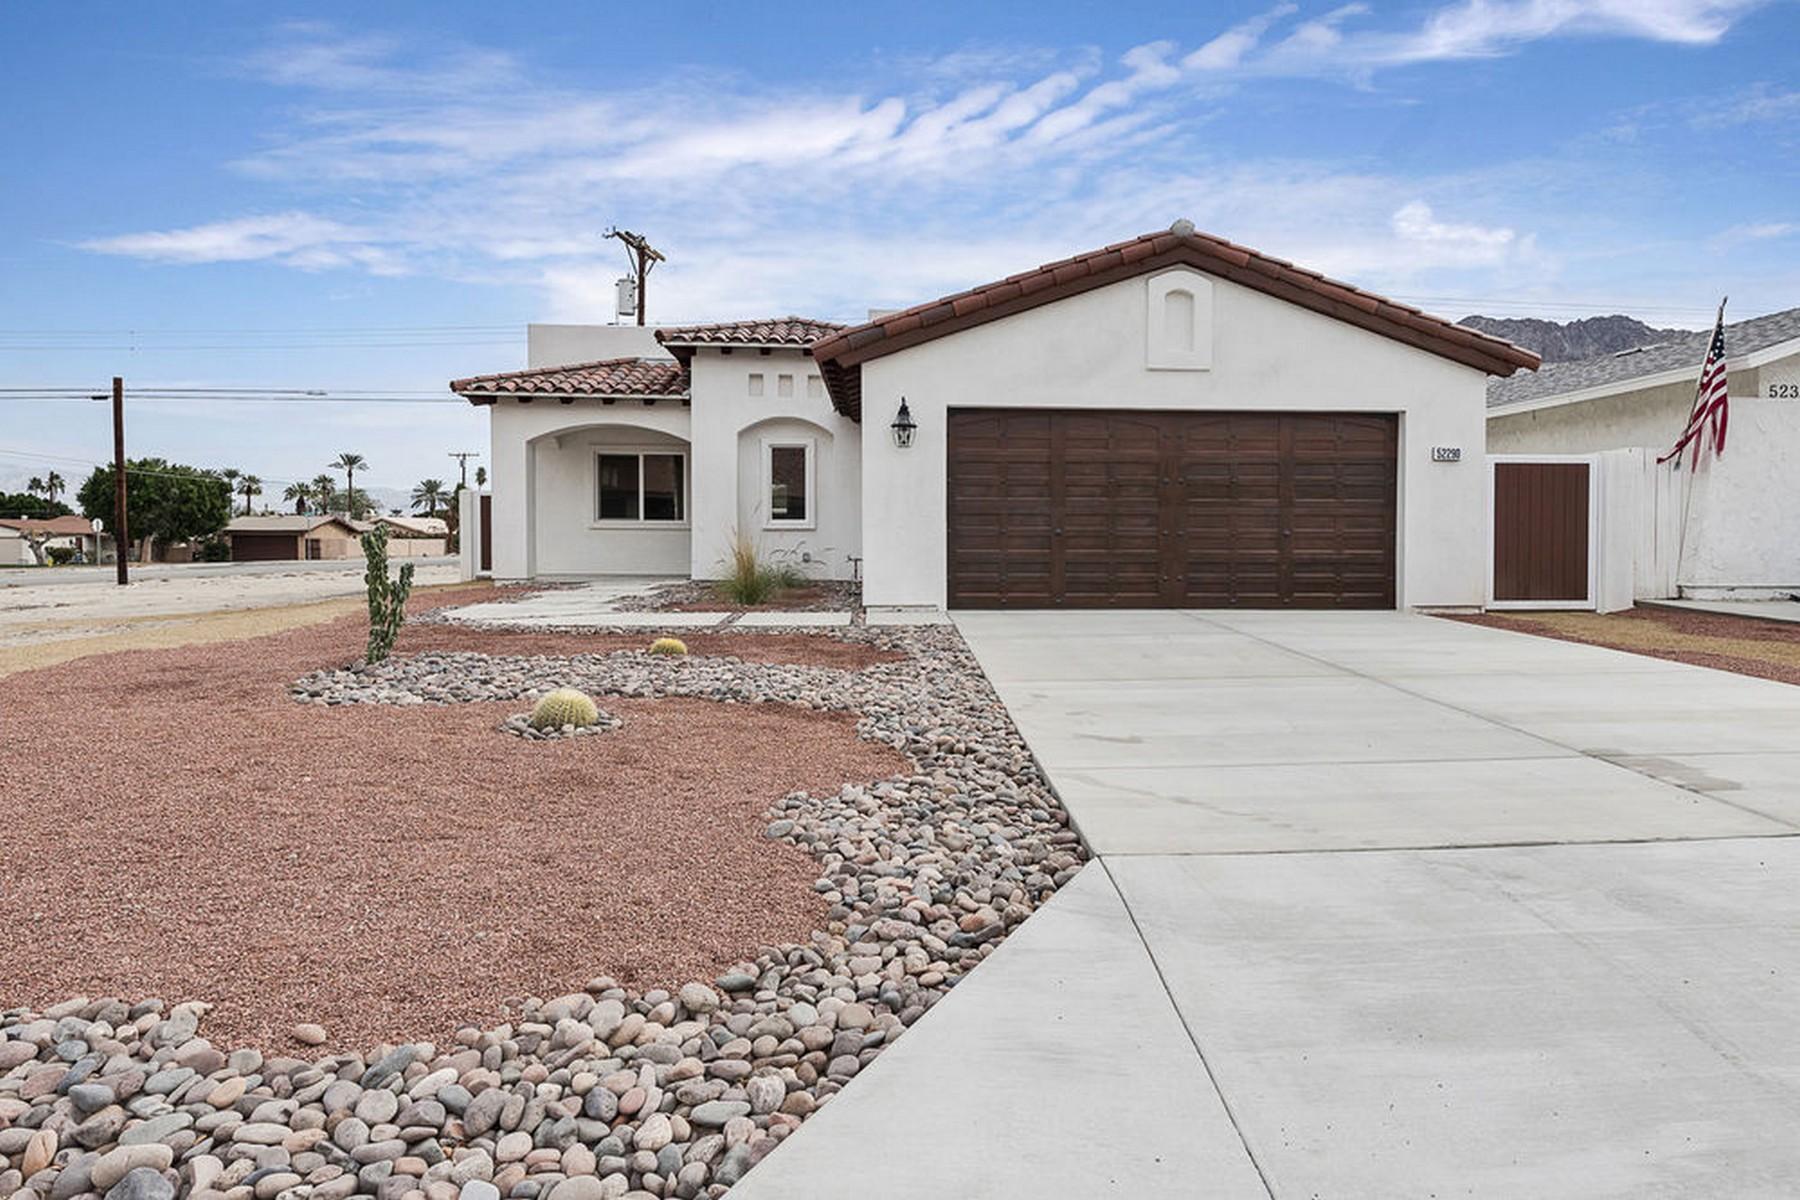 独户住宅 为 销售 在 52290 Avenida Vallejo La Quinta, 加利福尼亚州, 92253 美国